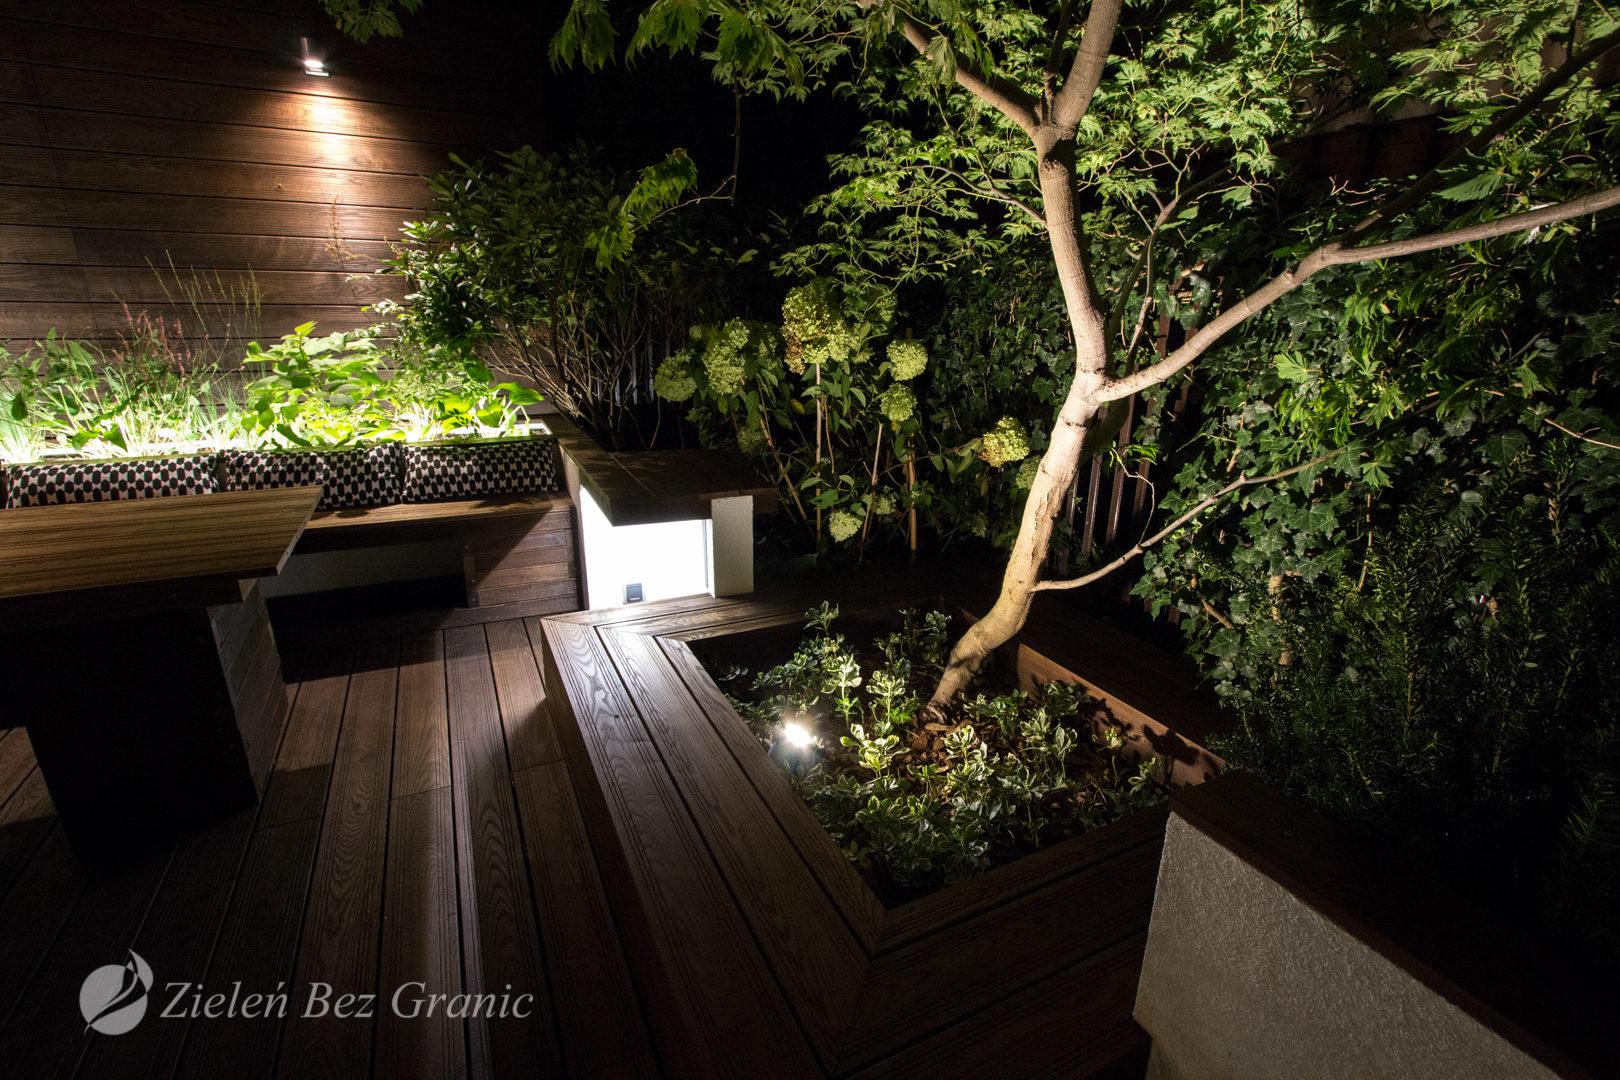 Reflektory podświetlające drzewo w donicy.